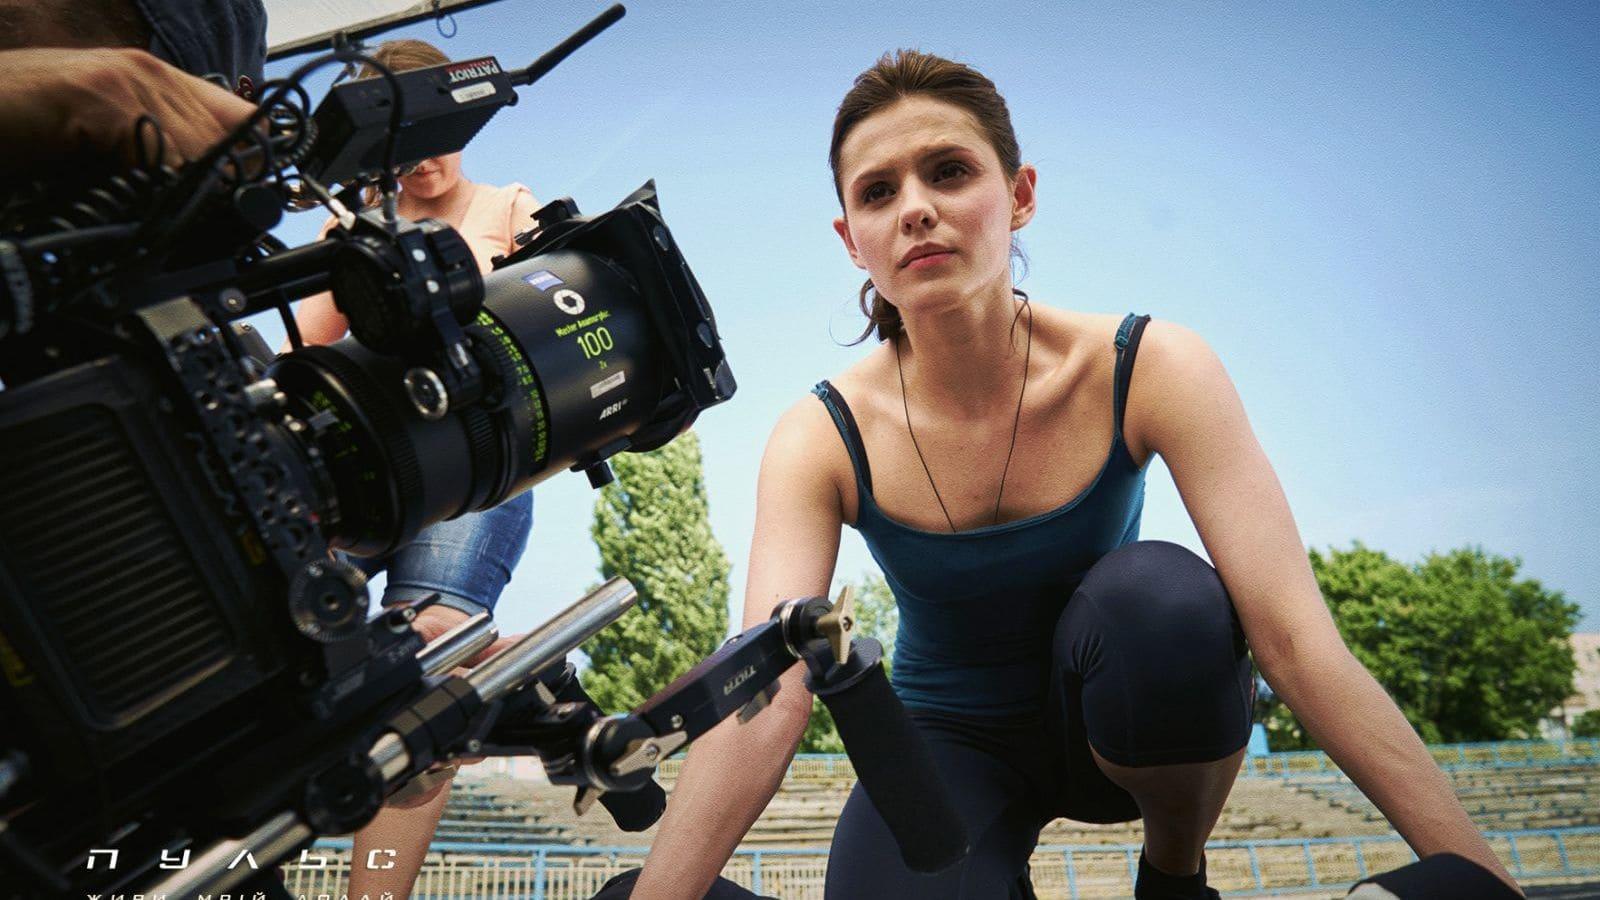 Українська спортивна драма «Пульс» здобула 4 номінації на міжнародному кінофестивалі в Полсоні (Монтана, США)